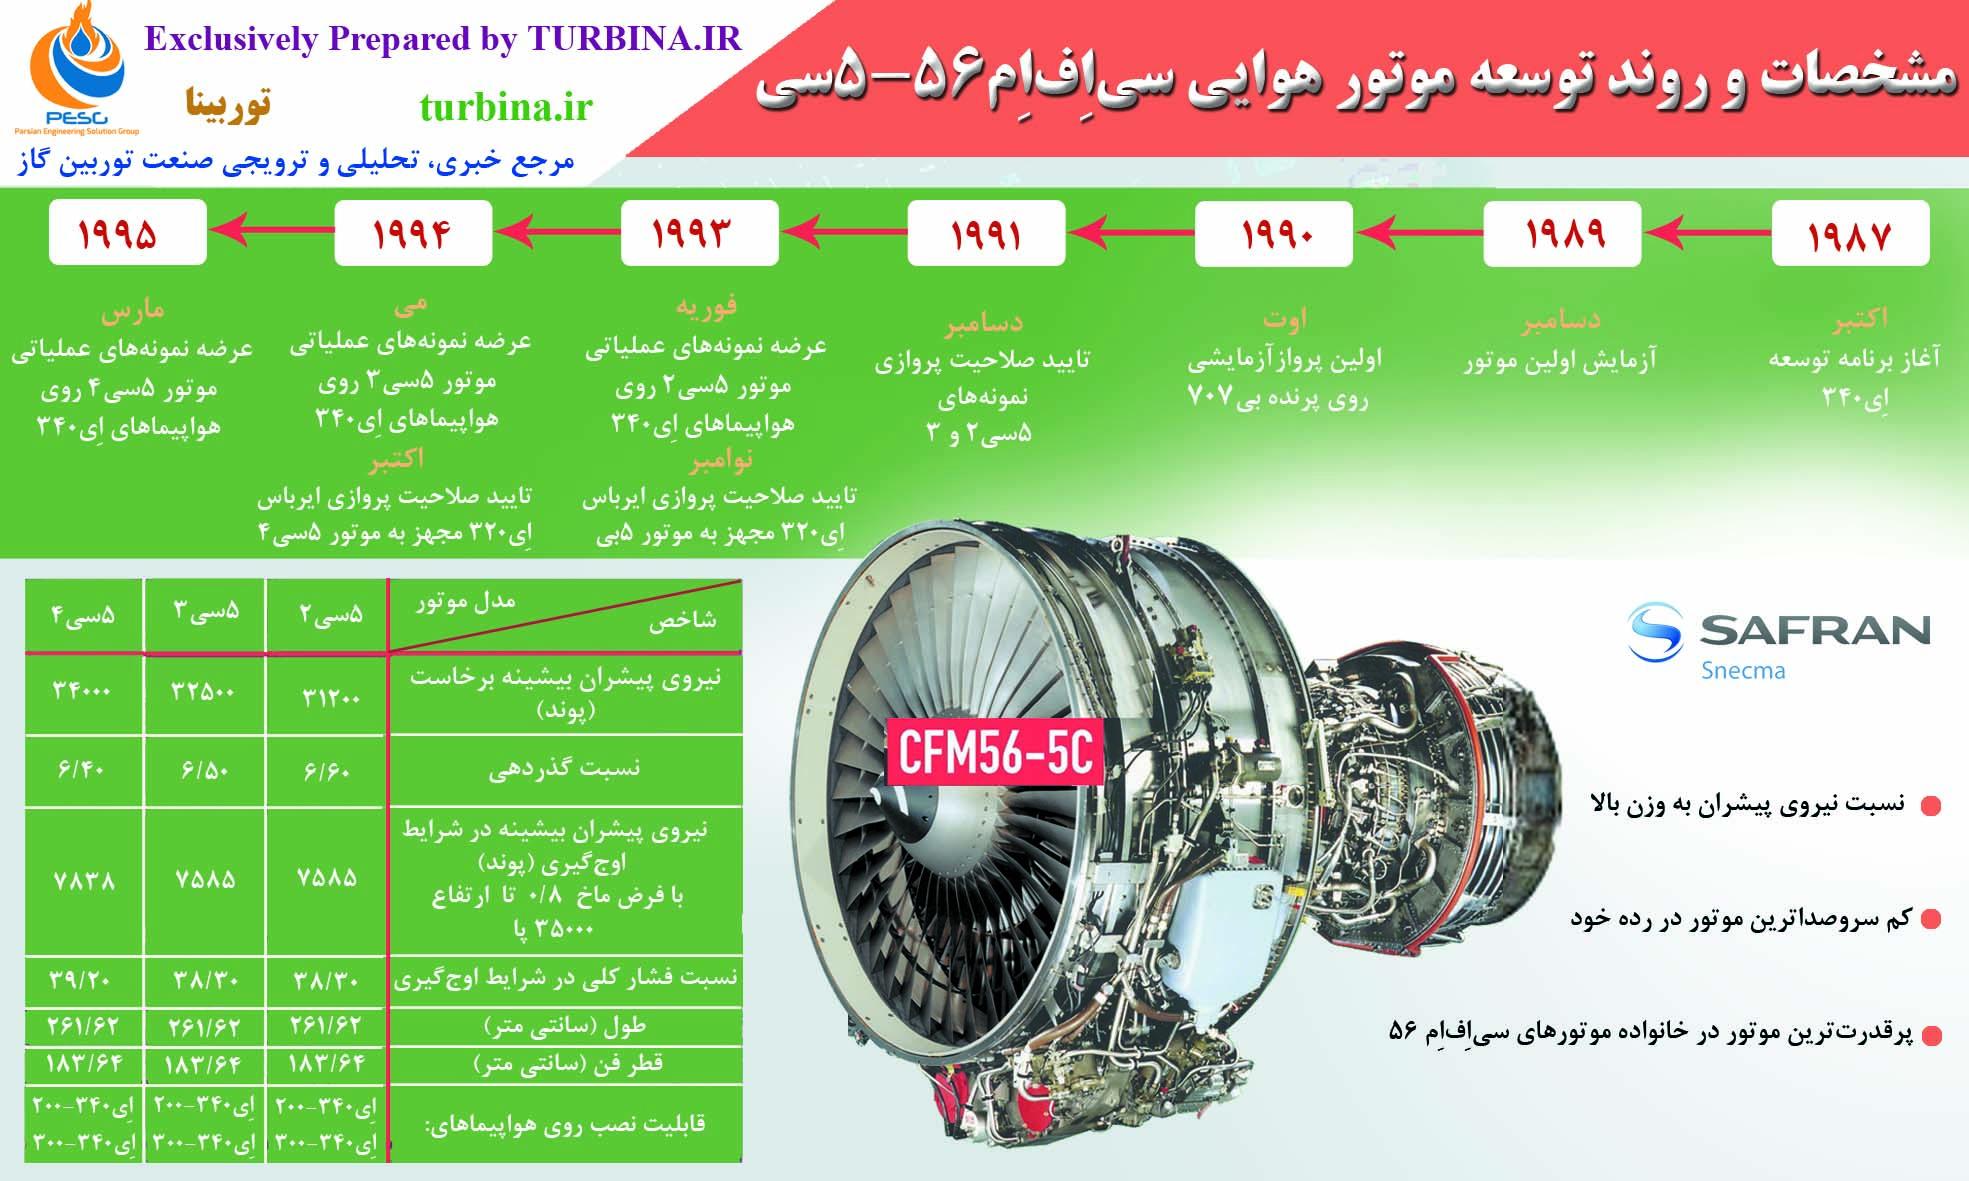 مشخصات و روند توسعه موتور هوایی CFM56-5C